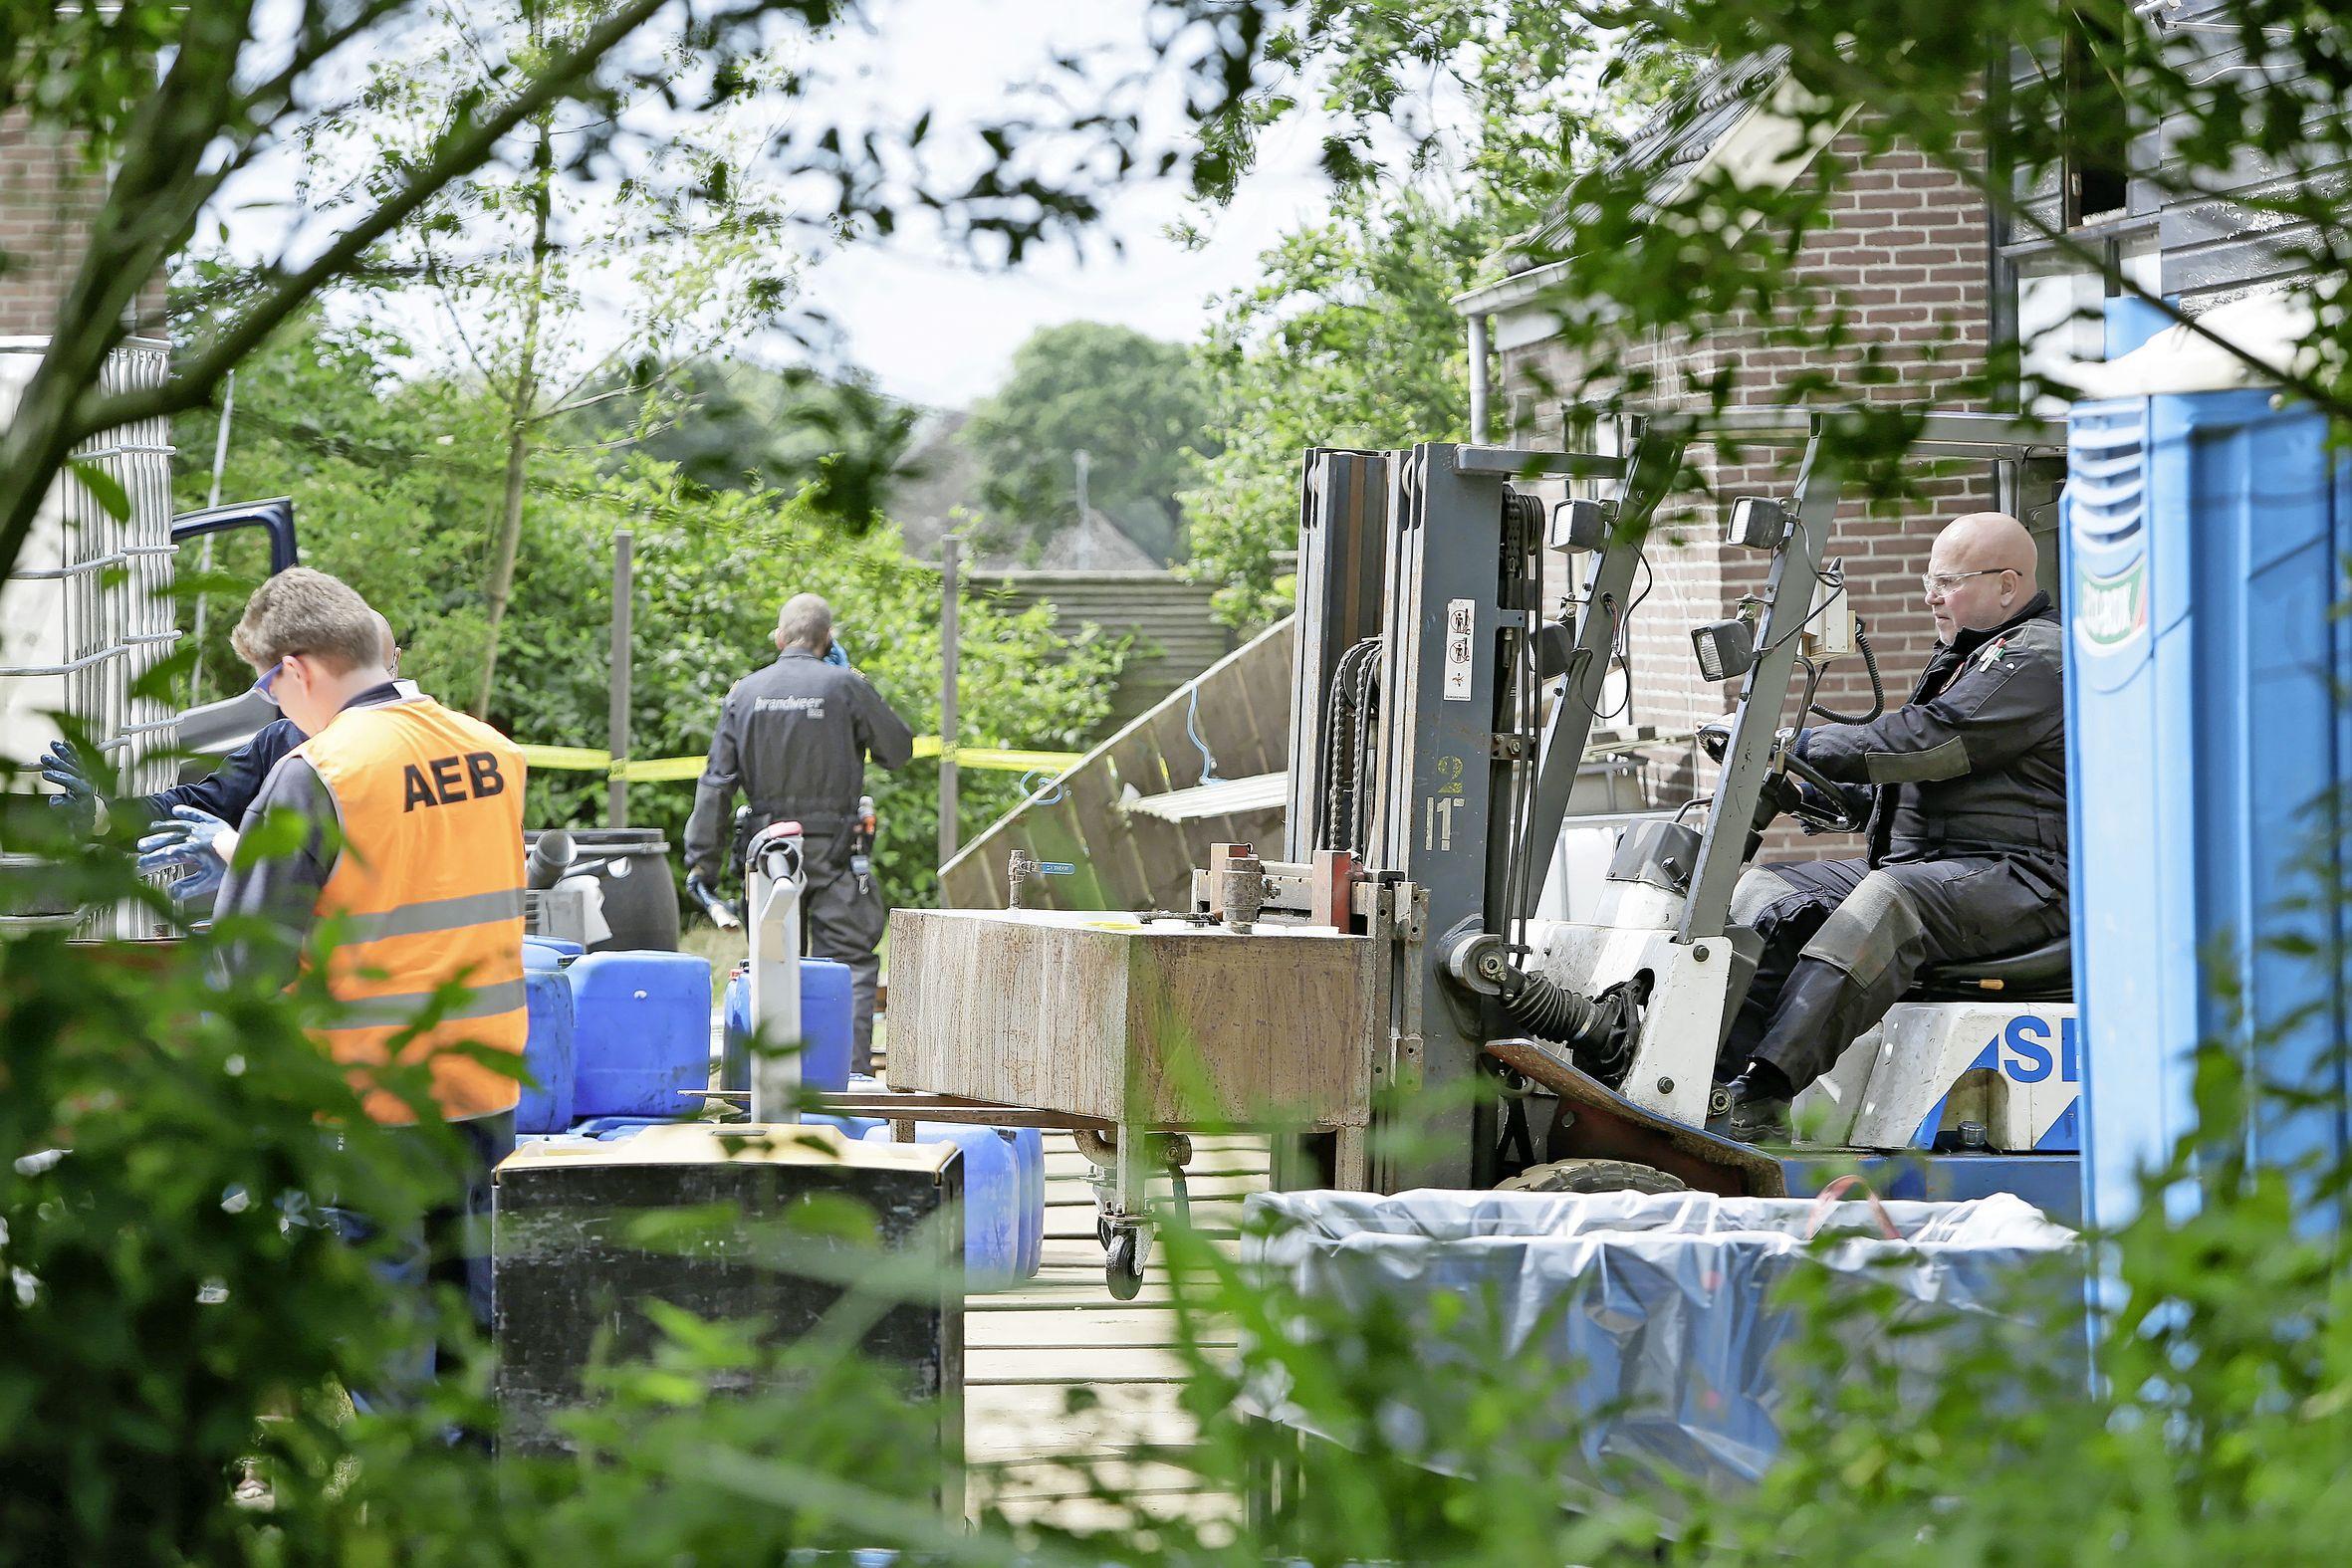 Ontmantelen drugslabs is specialistenwerk, maar kost politie Noord-Holland tienduizenden euro's per locatie. 'Toch: hoe meer van die troep we van straat halen, des te beter'